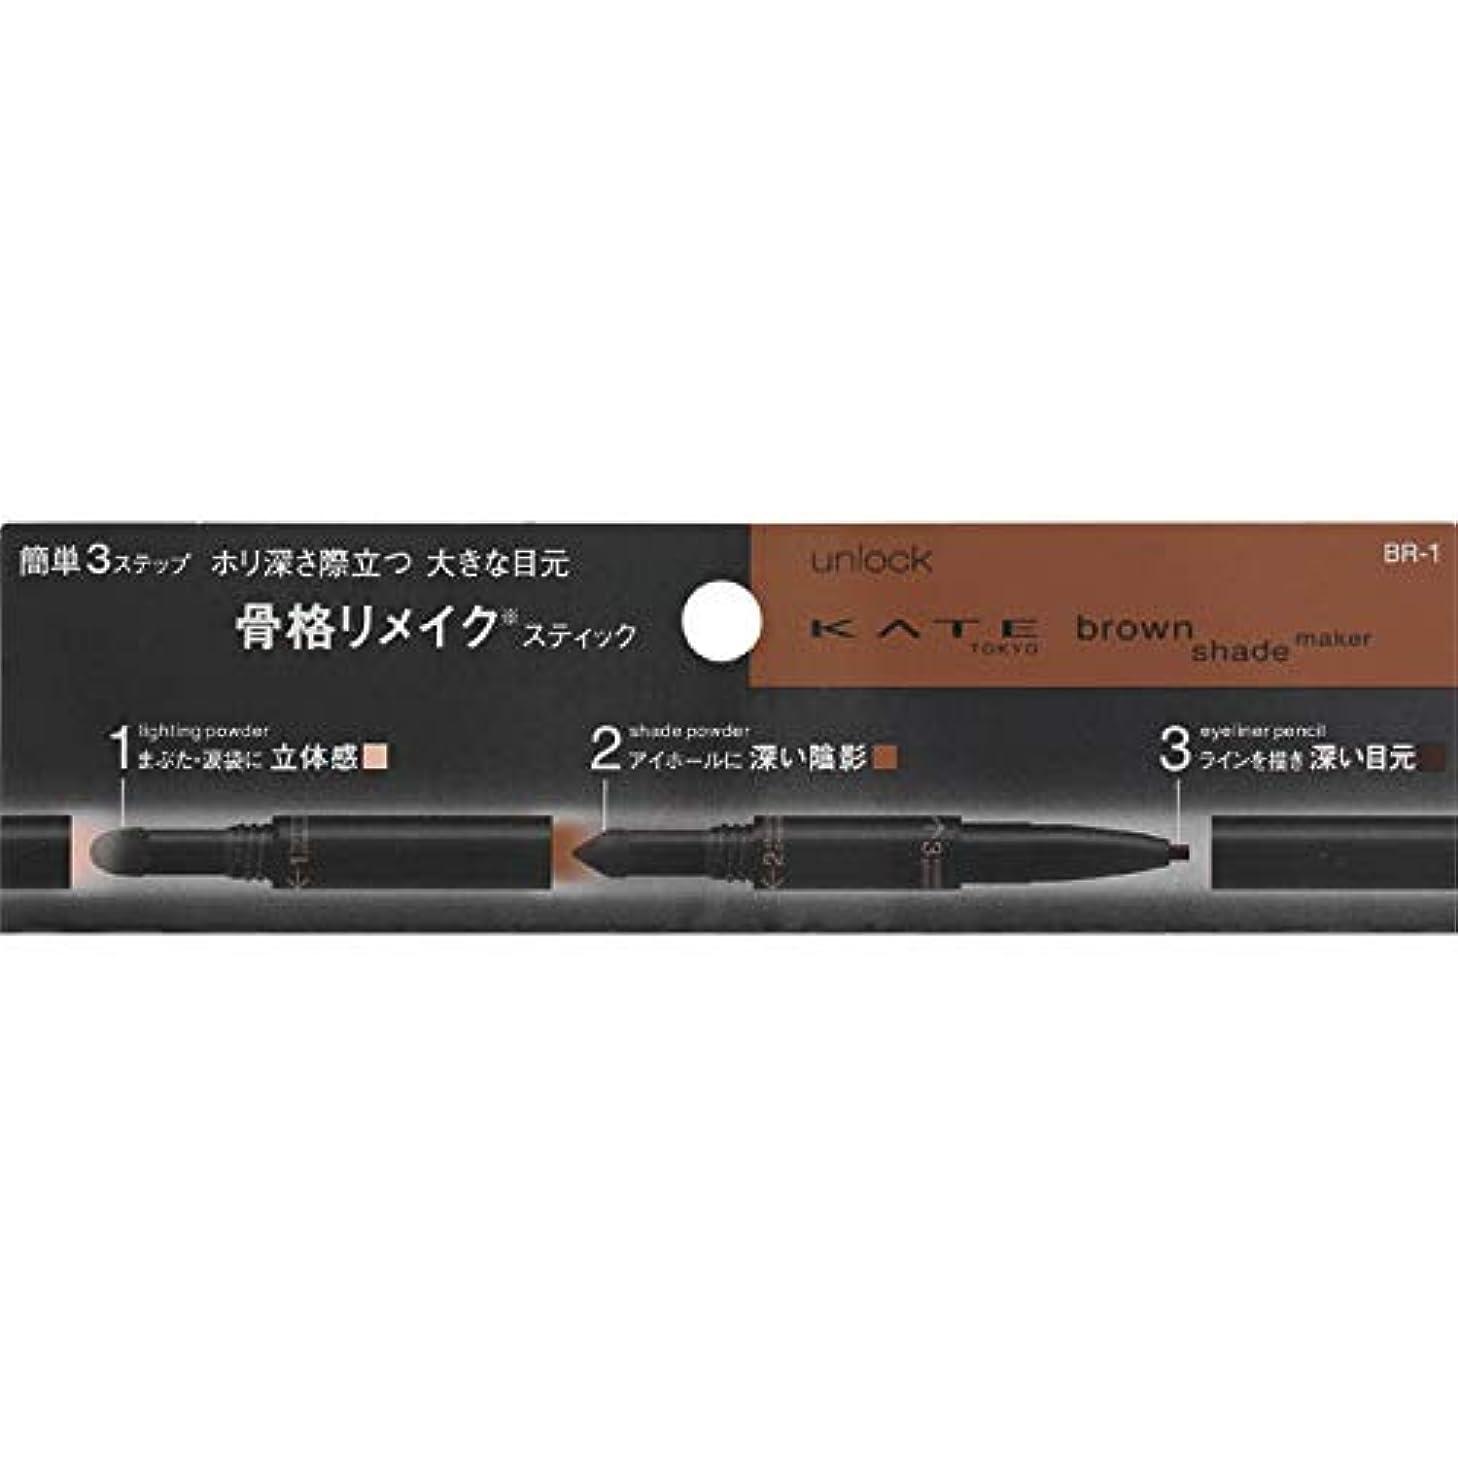 士気回復するカウンタカネボウ(Kanebo) ケイト ブラウンシェードメイカー<カラー:BR-1>